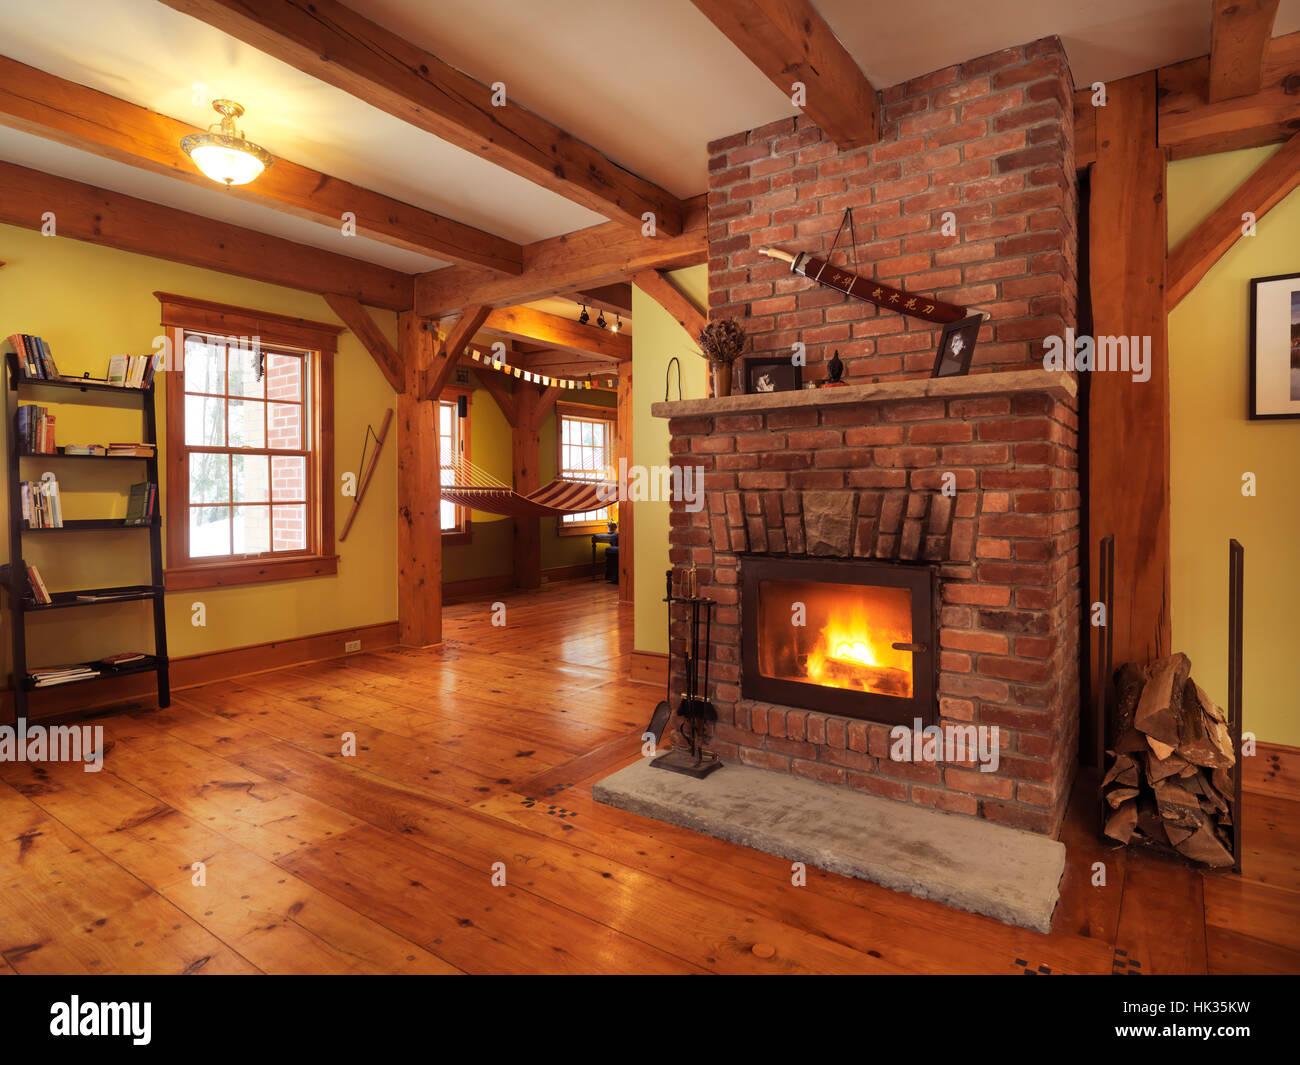 Cheminée à bois dans une maison canadienne timberframe ...